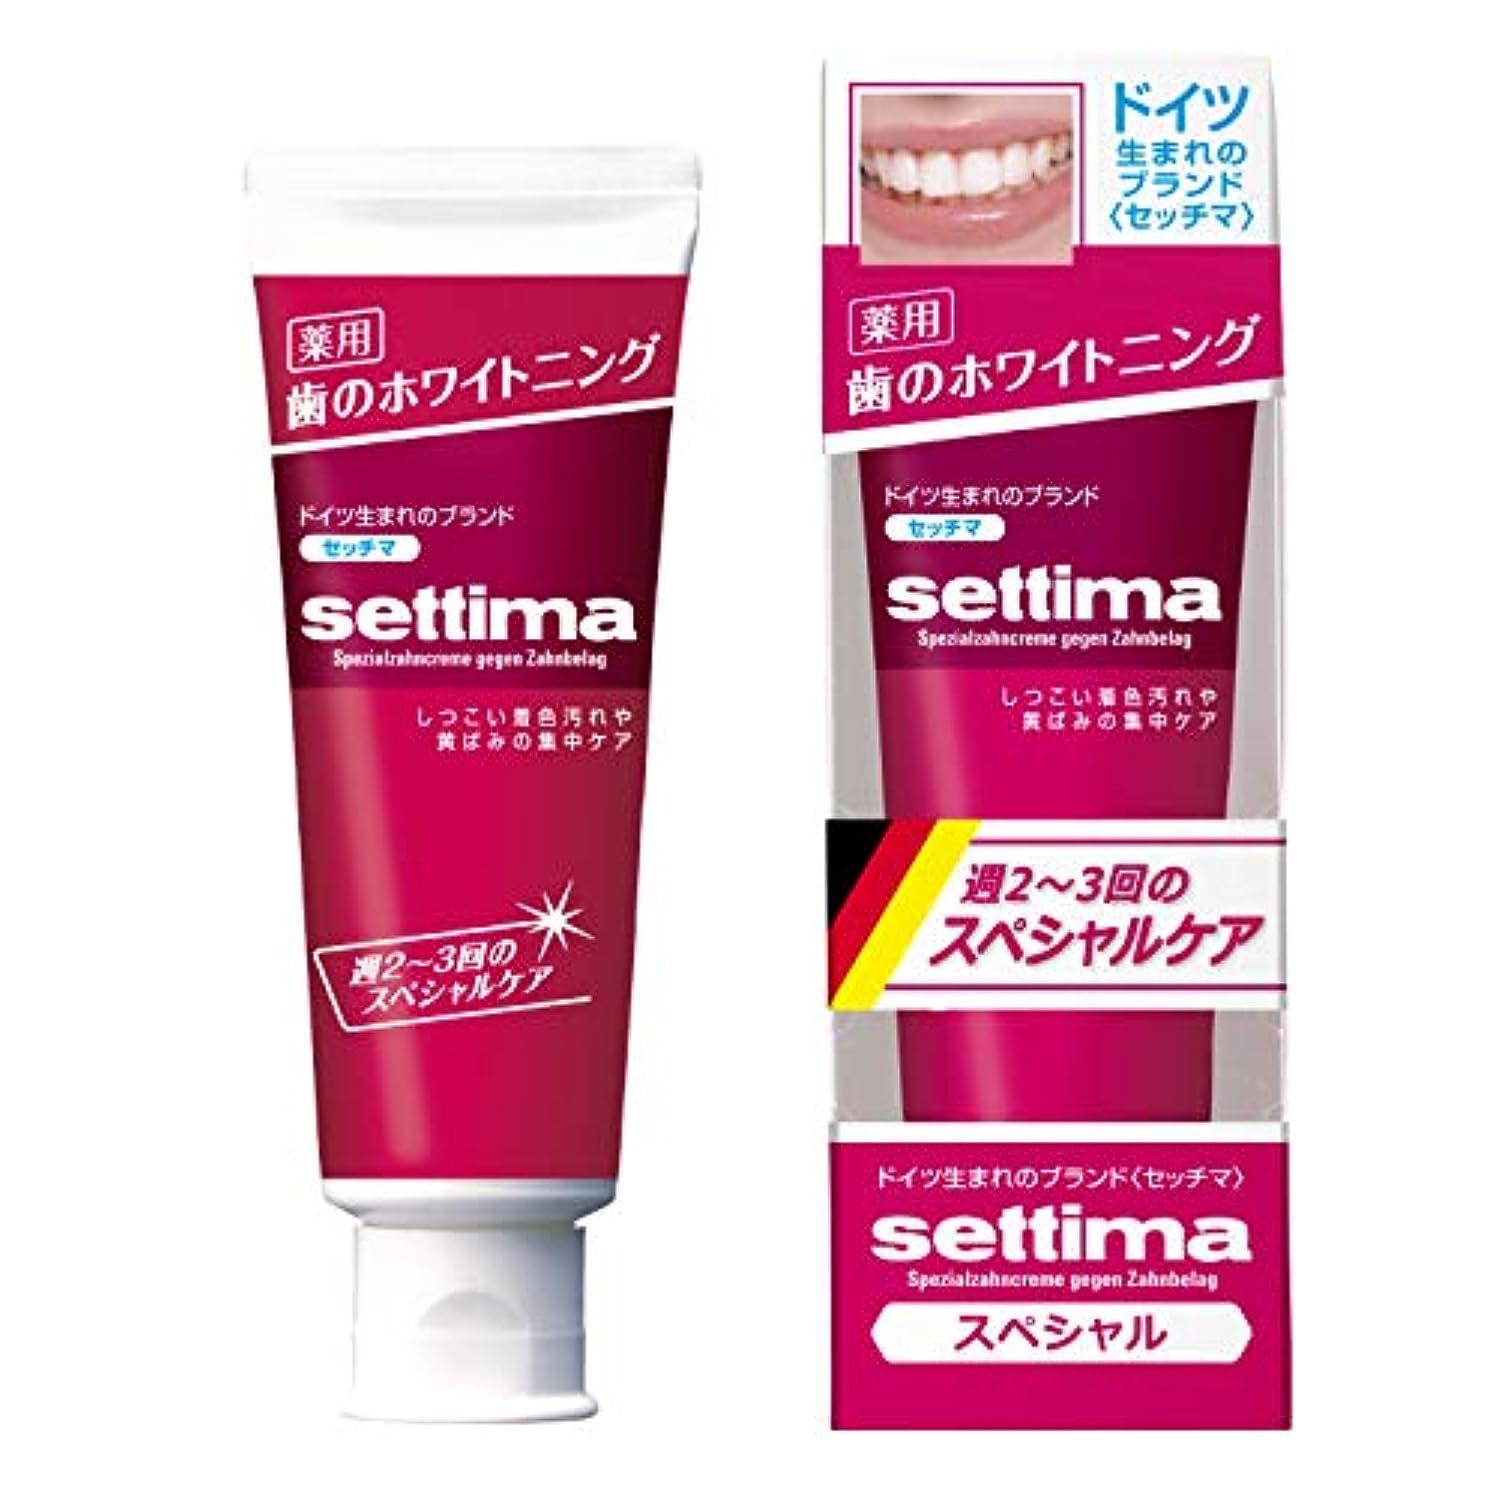 仲介者裁判官アフリカ人[医薬部外品] settima(セッチマ) ホワイトニング 歯みがき スペシャルケア [ペパーミントタイプ] <ステインケア タバコのヤニ取り フッ素配合 虫歯予防> 80g